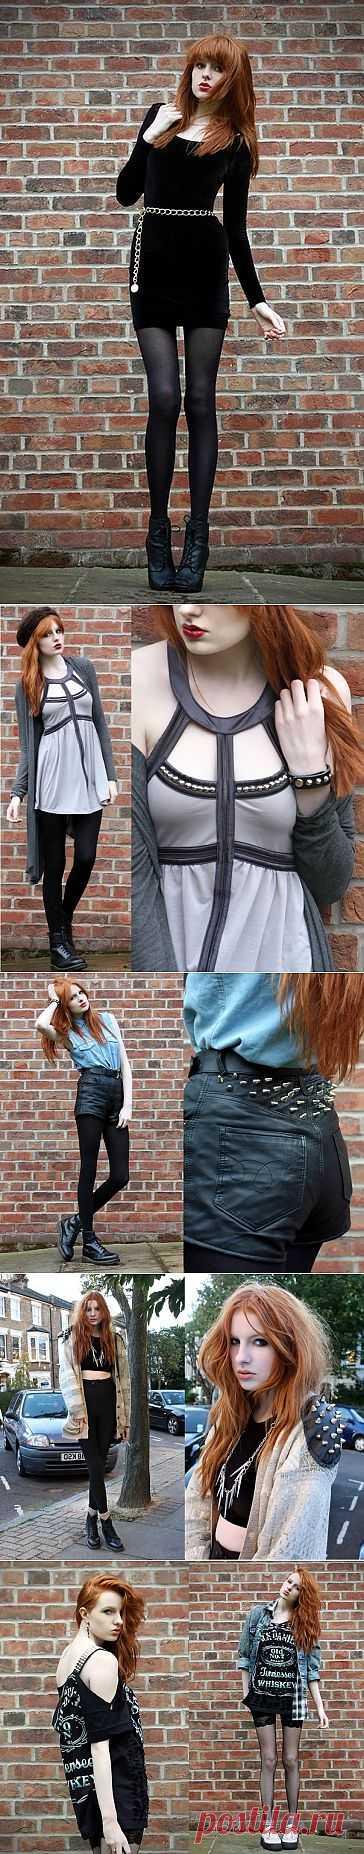 Рыжие атакуют №1 Olivia Harrison (трафик) / Блоггеры / Модный сайт о стильной переделке одежды и интерьера